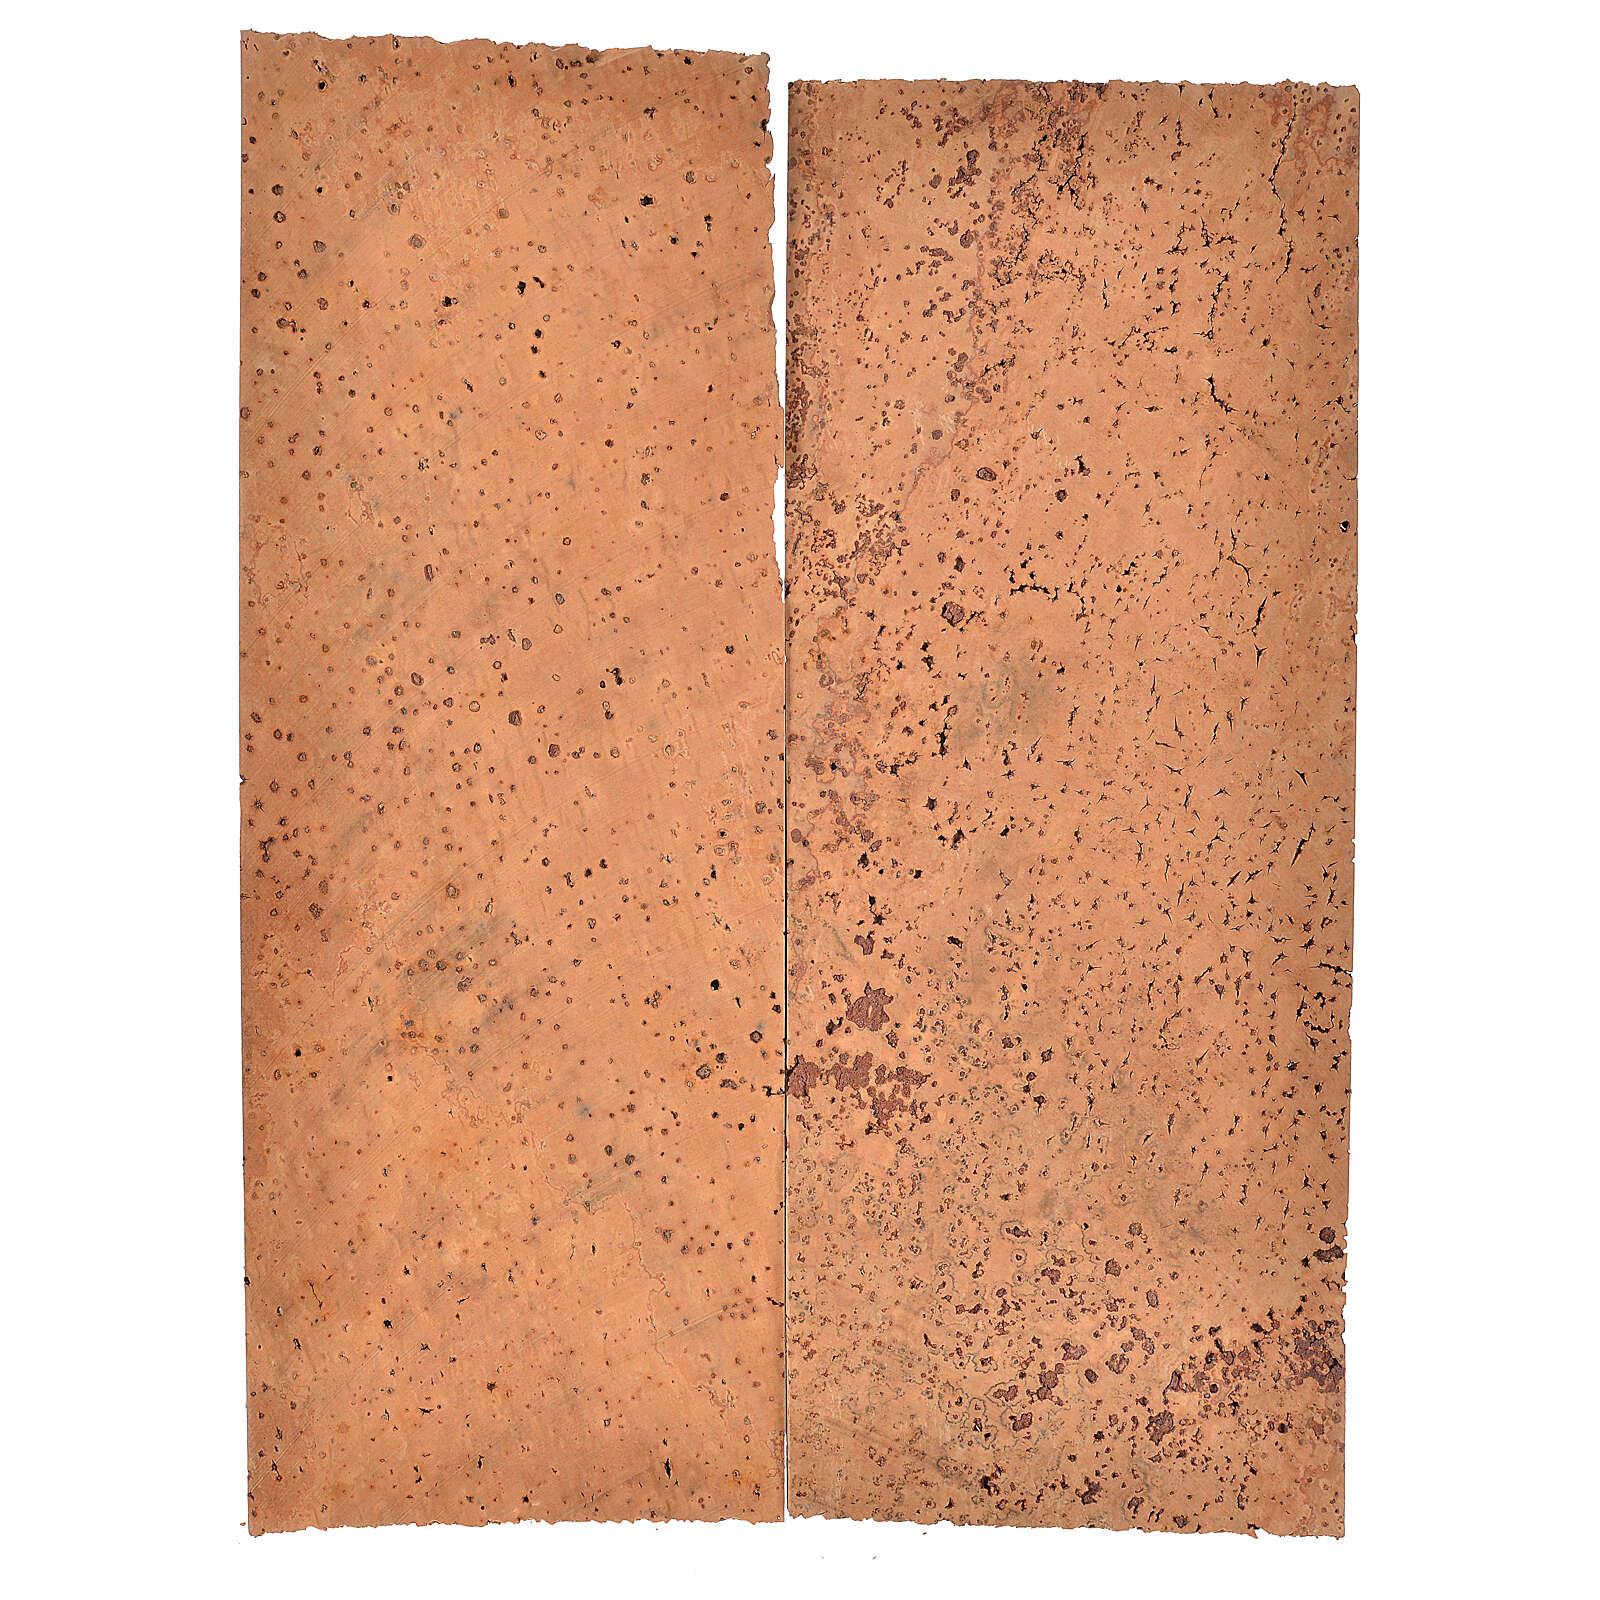 Panneau liège naturel 2 pcs 27x9x0,5 cm 4